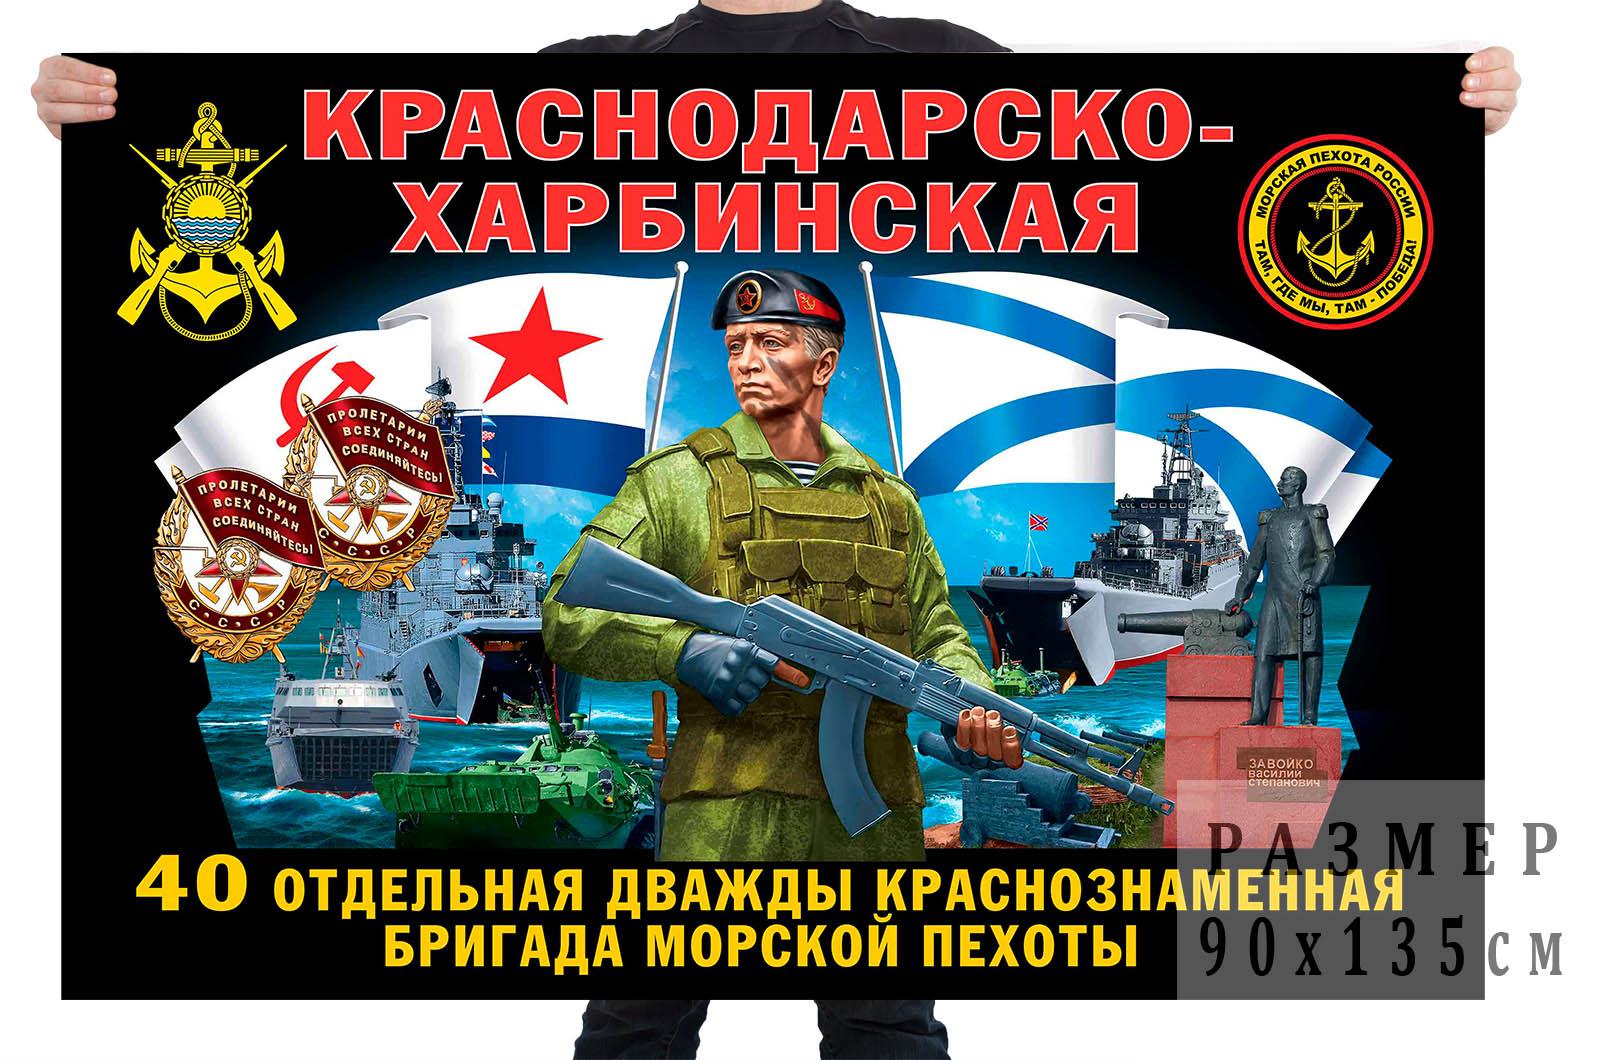 Купить флаг 40 отдельной Краснодарско-Харбинской дважды Краснознамённой бригады морской пехоты